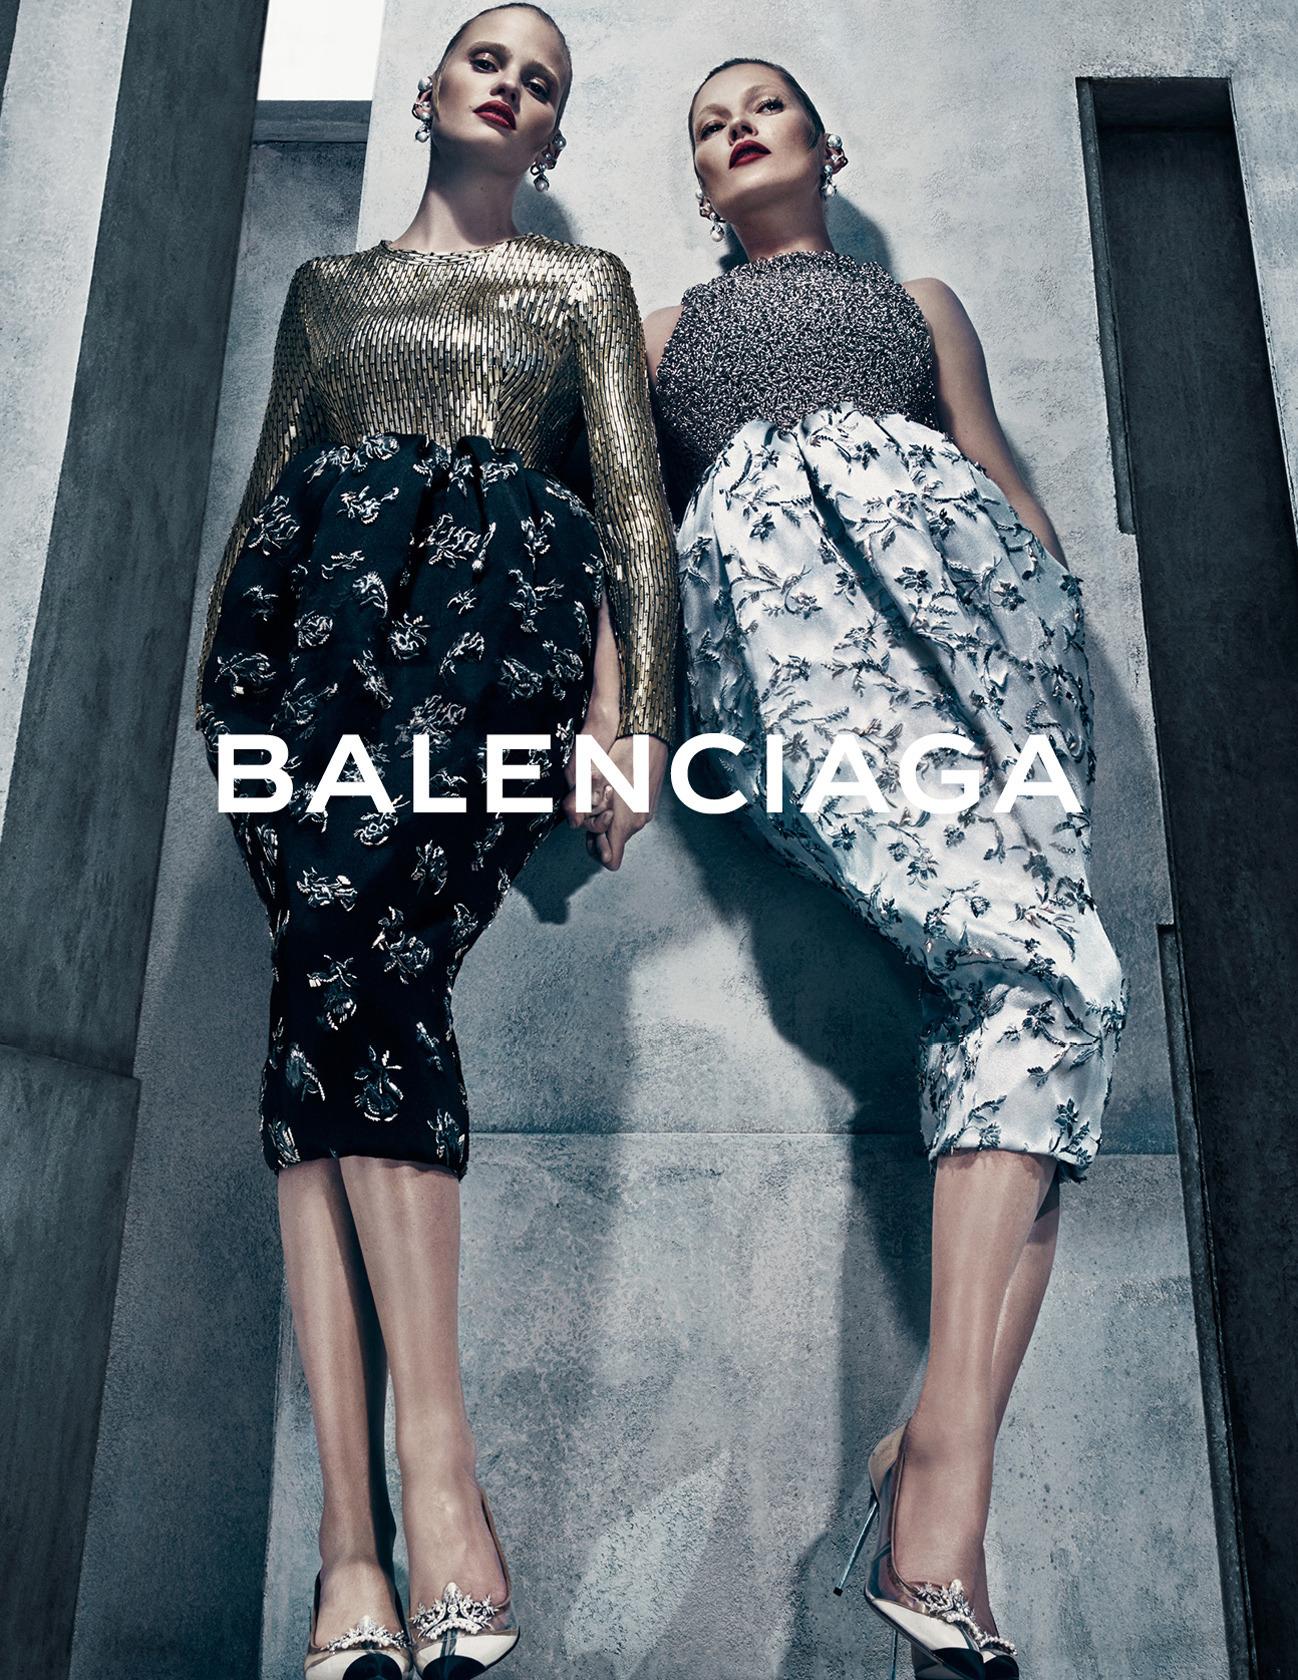 29-balenciaga-002.nocrop.w1800.h1330.2x